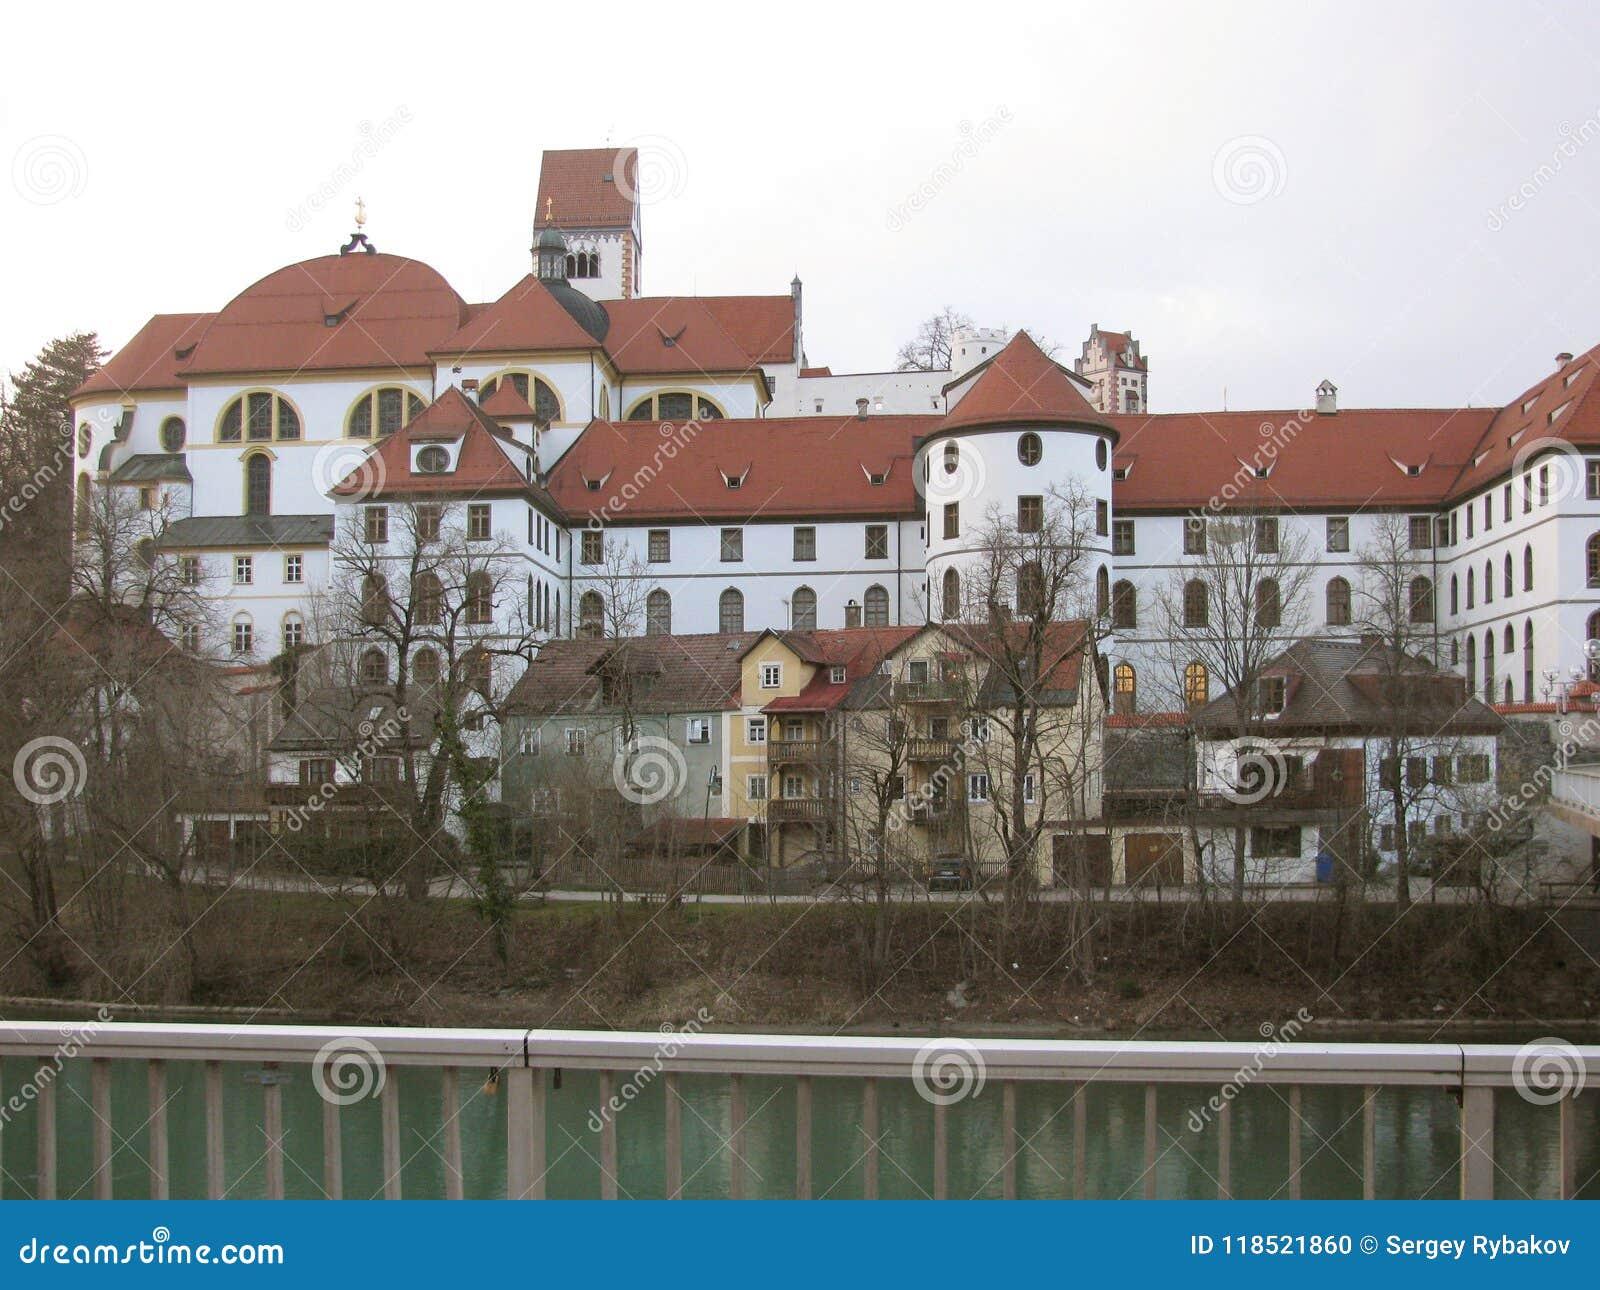 Die Schönheit der alten und inländischen Architektur der kleinen deutschen Stadt von Fussen